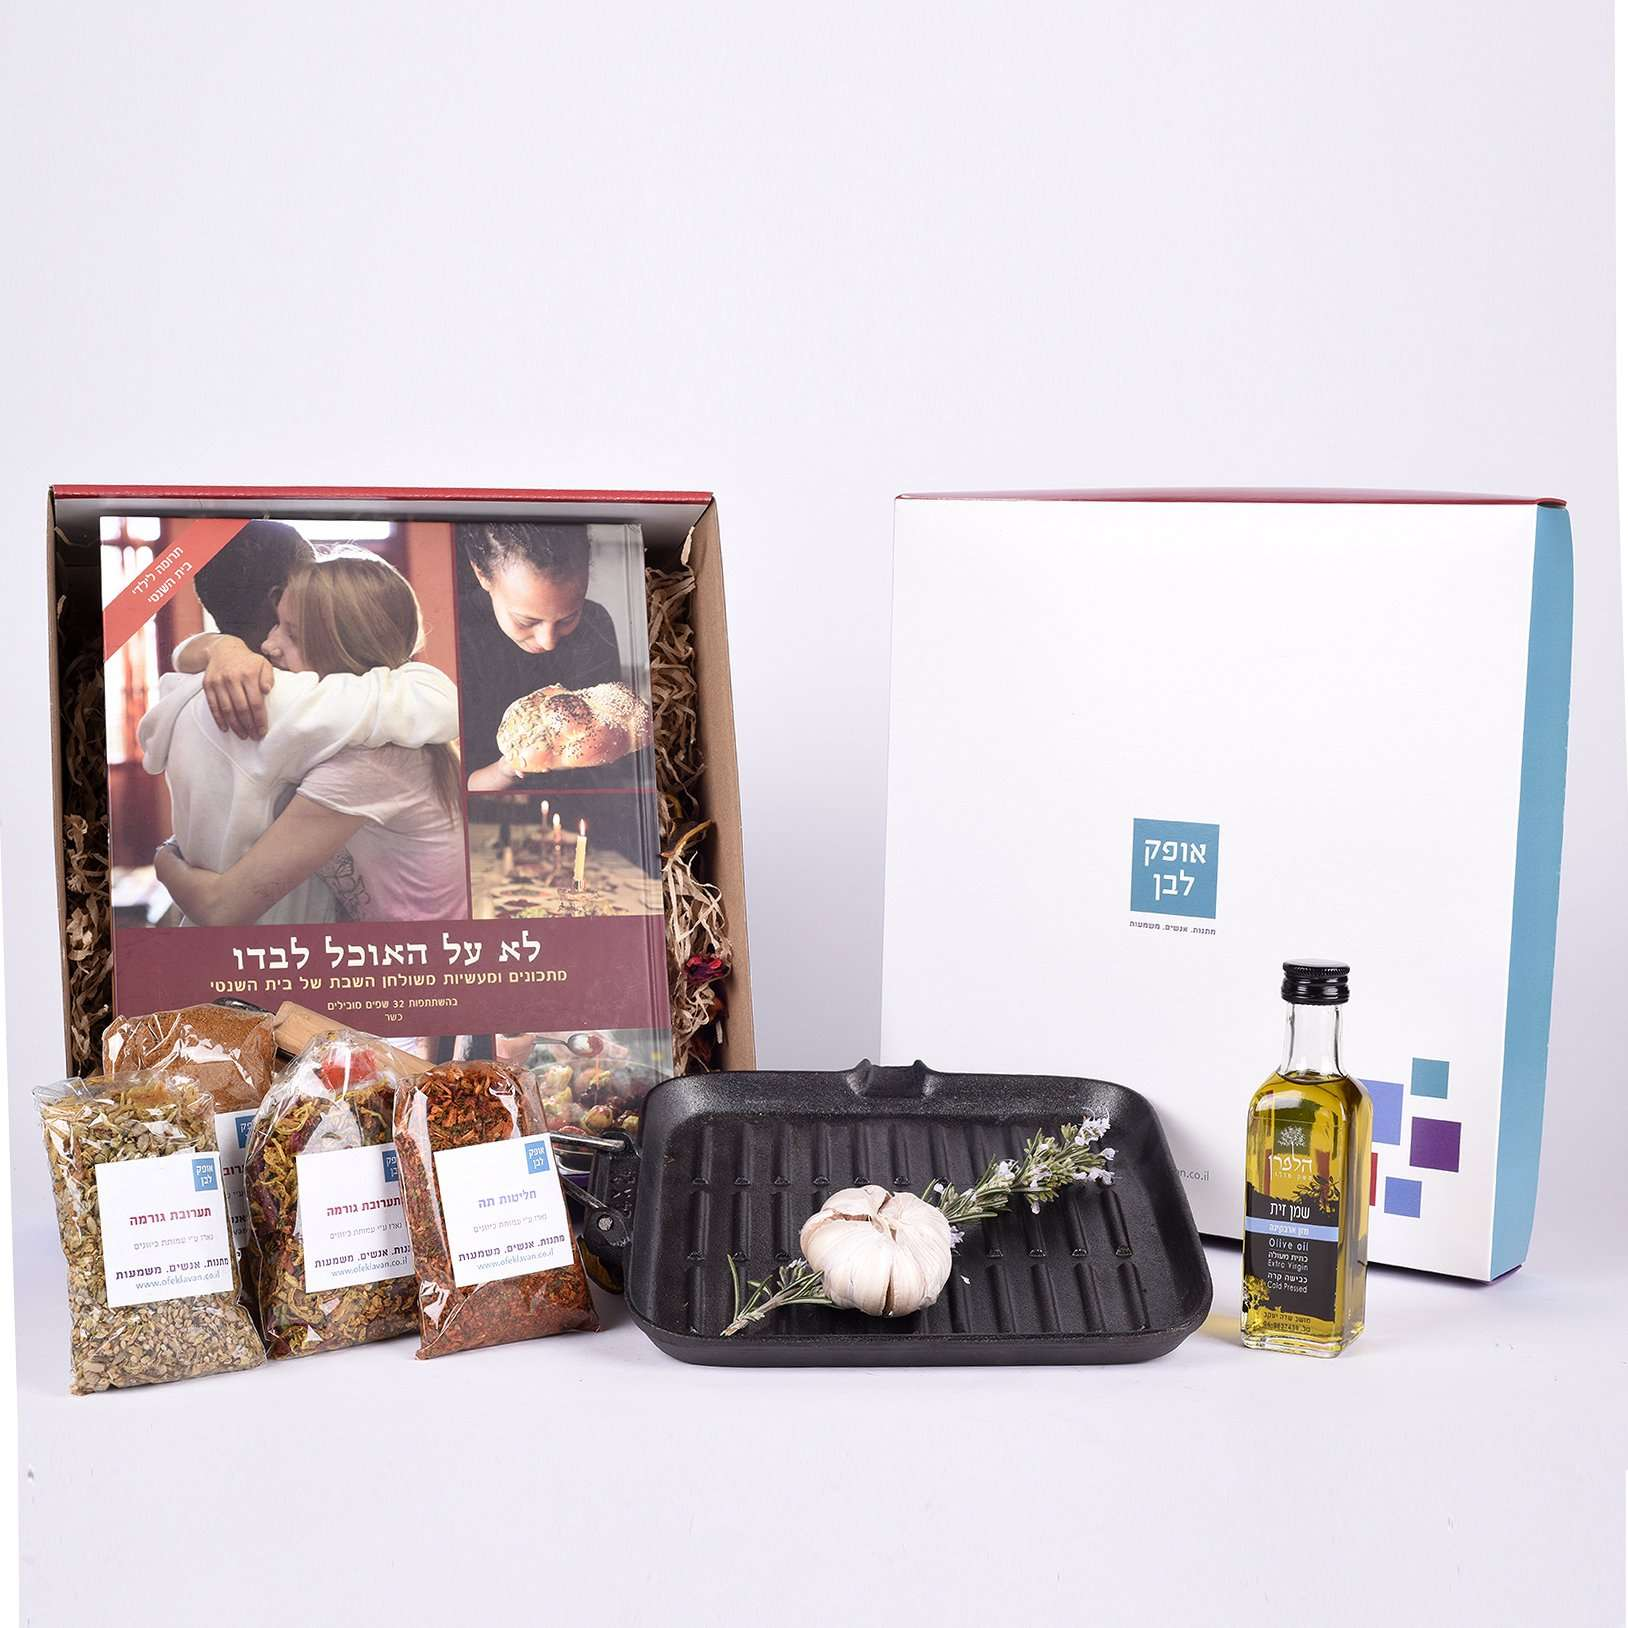 ערכת בישול בית השנטי- מתנות תרומה לקהילה